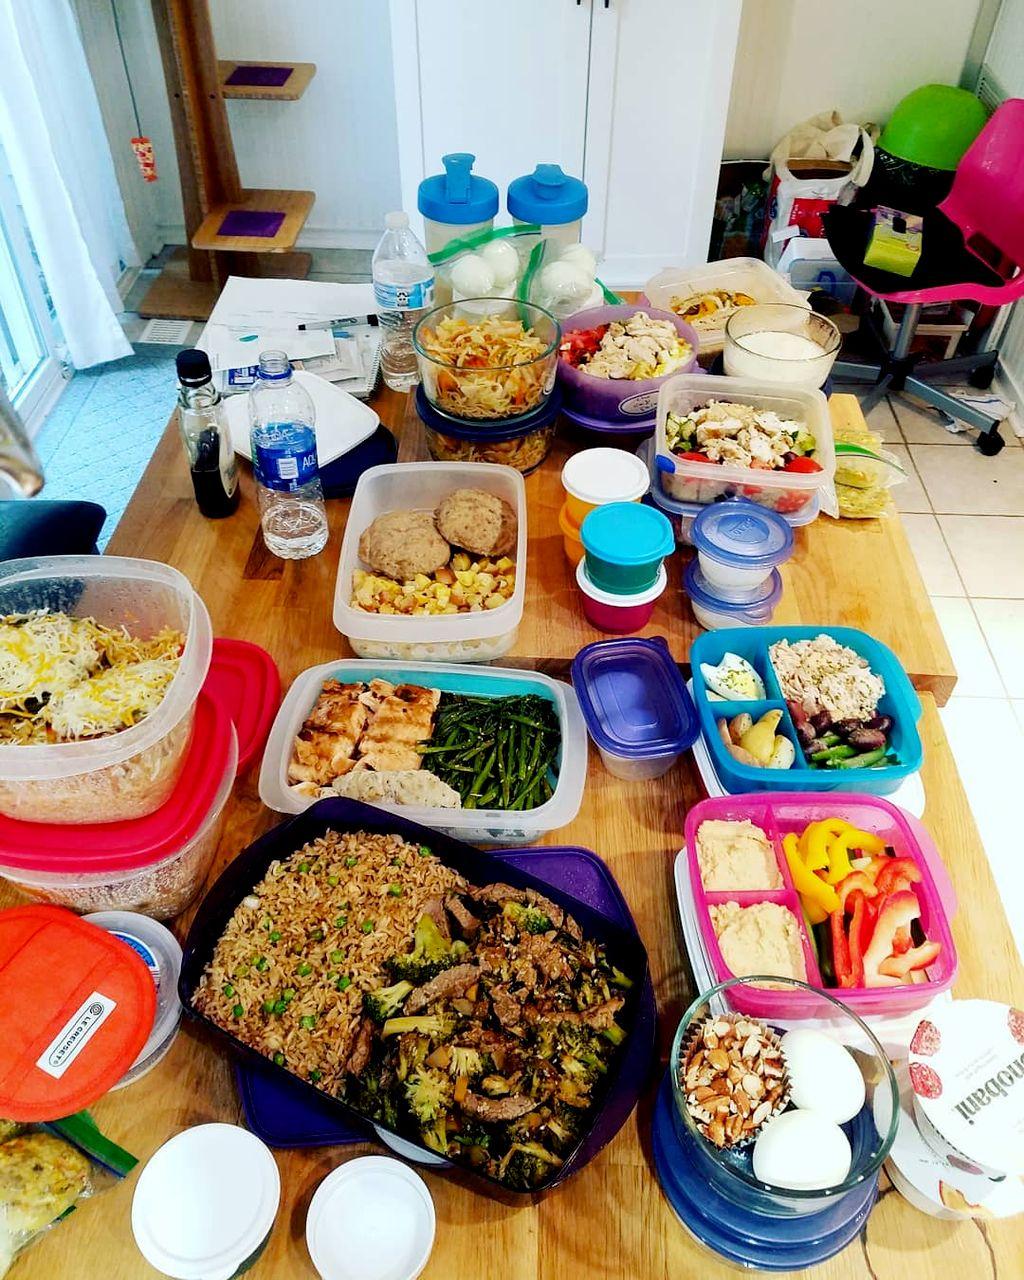 Full Week of Clean Eating Meal Prep